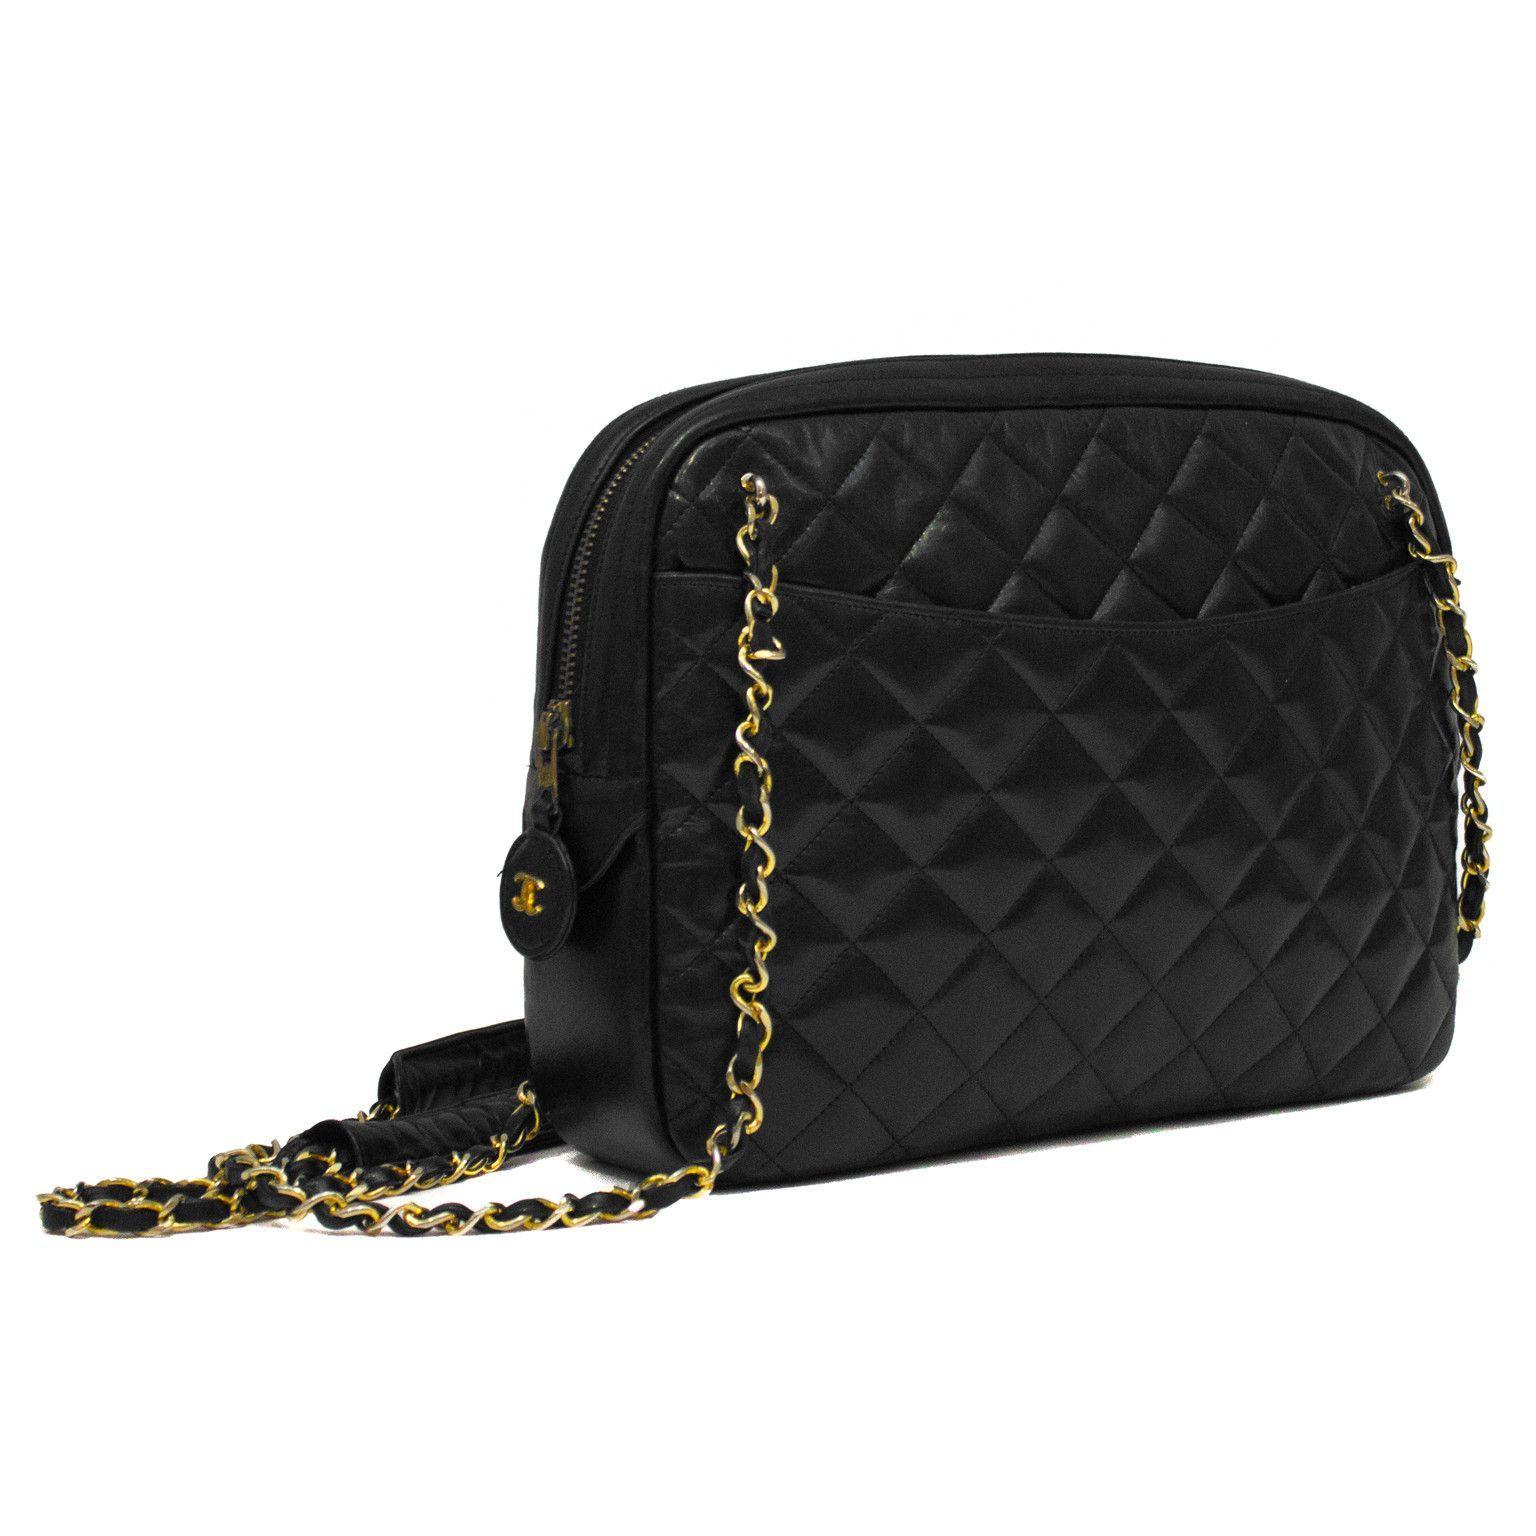 chanel vintage bag. black camera bag. chanel blackvintage vintage bag